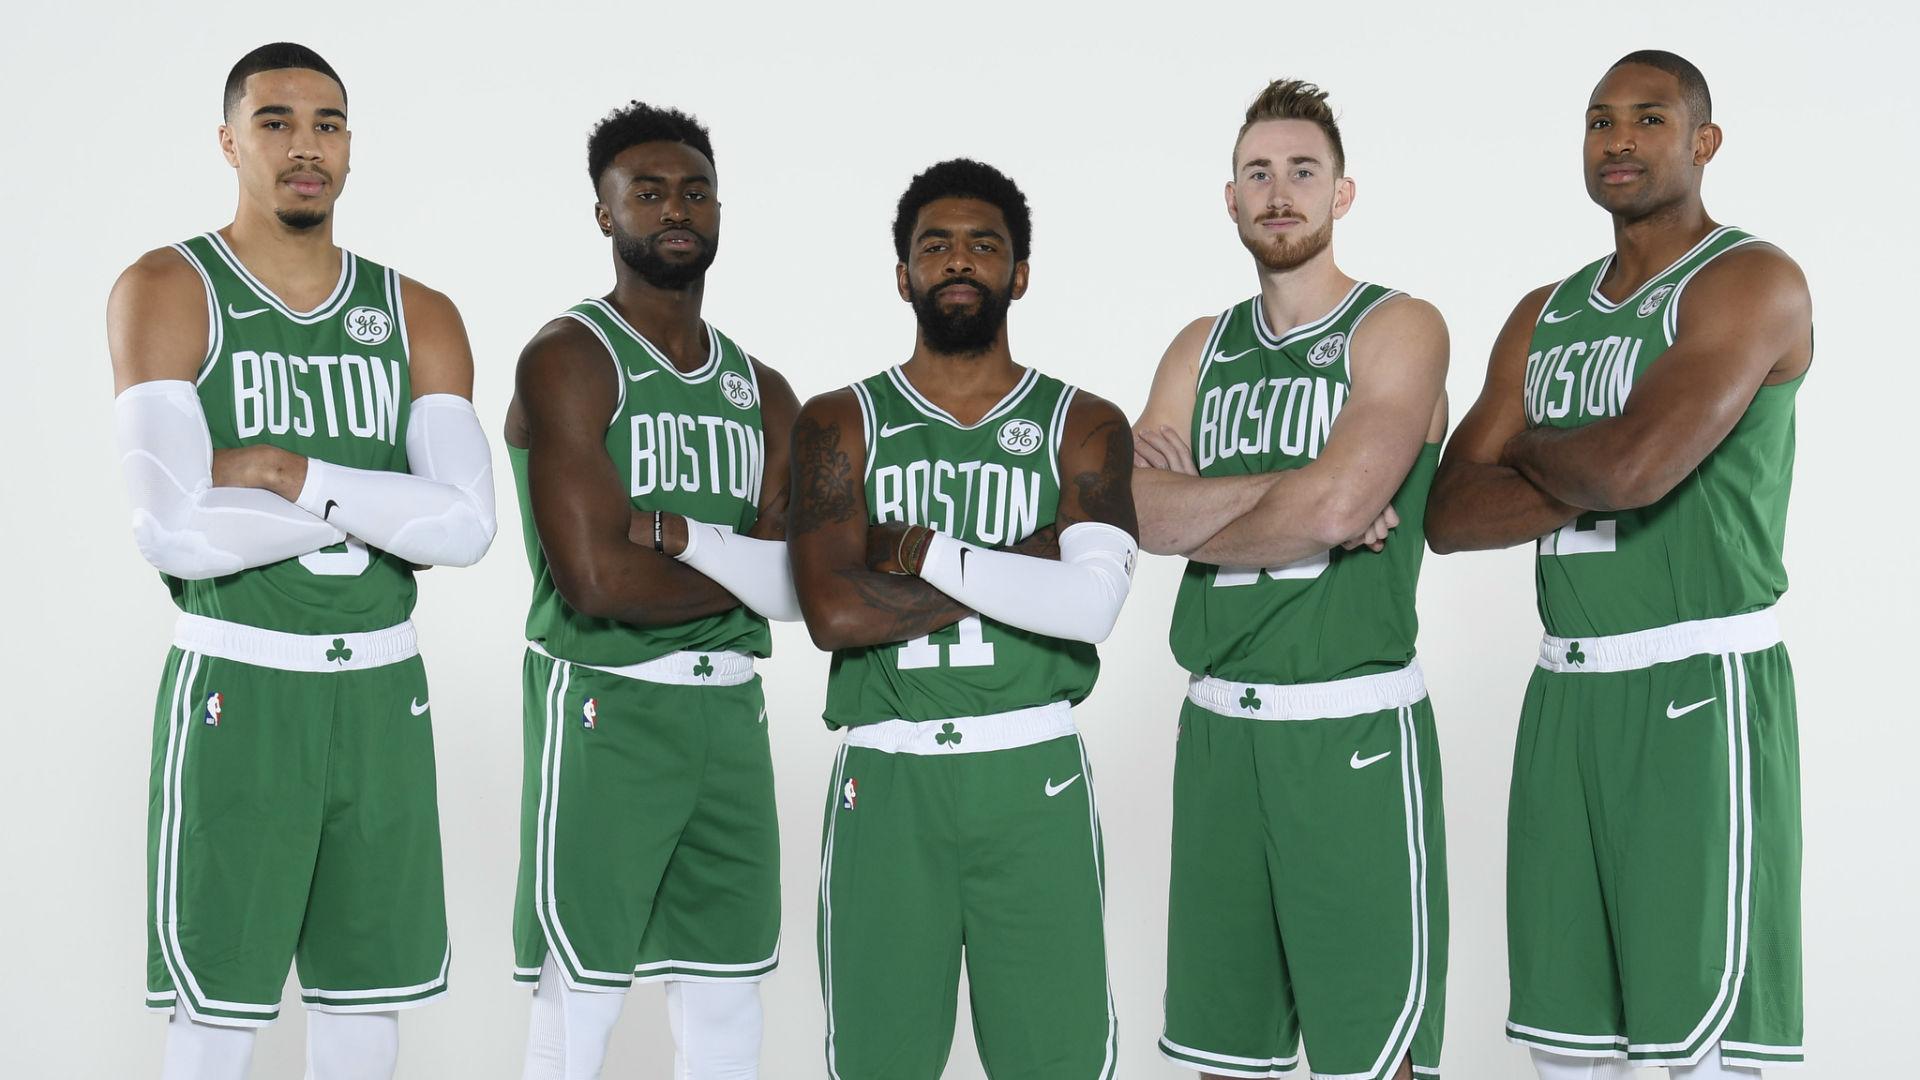 Бостон — Филадельфия. Прогноз на матч 17 октября 2018. НБА